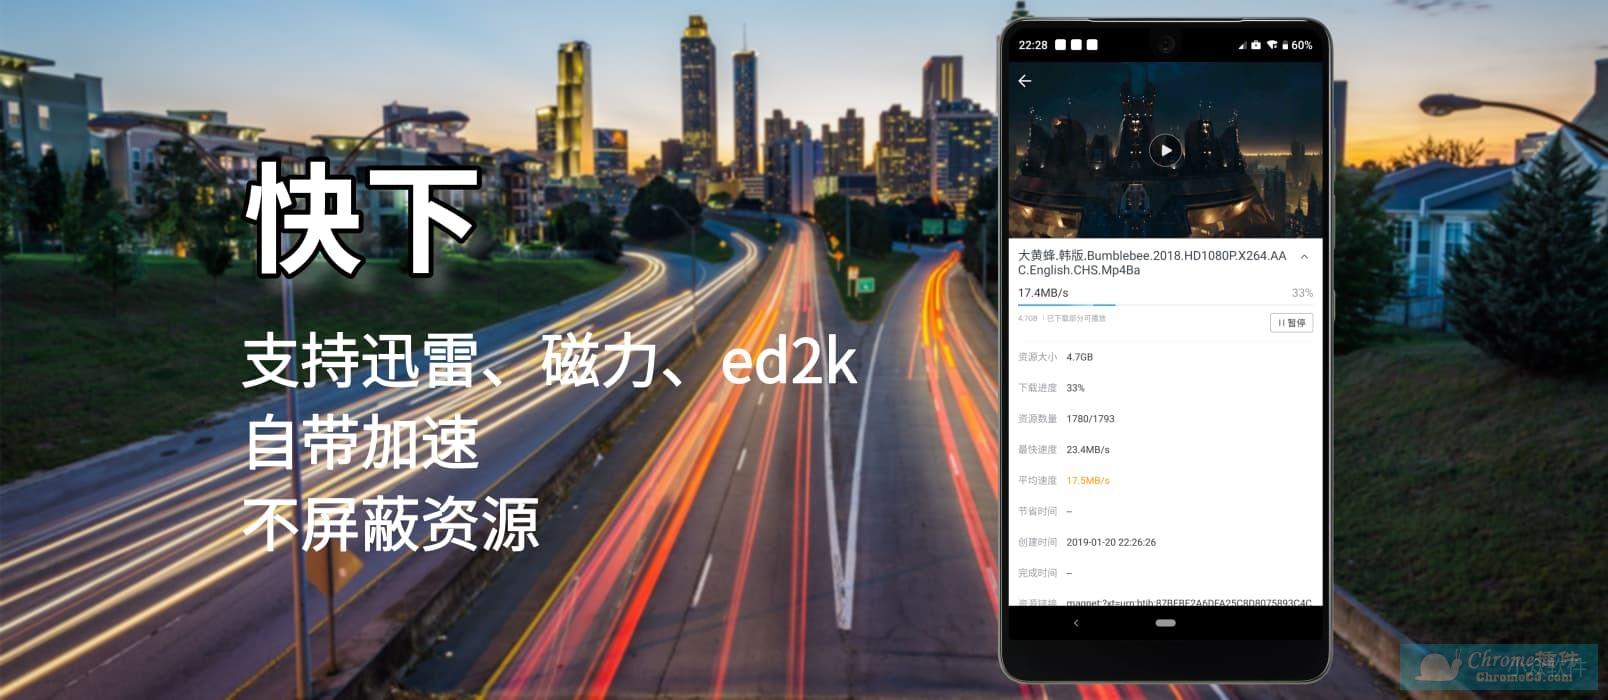 快下 - Android 加速下载工具 (支持BT/磁力/ed2k/电驴)